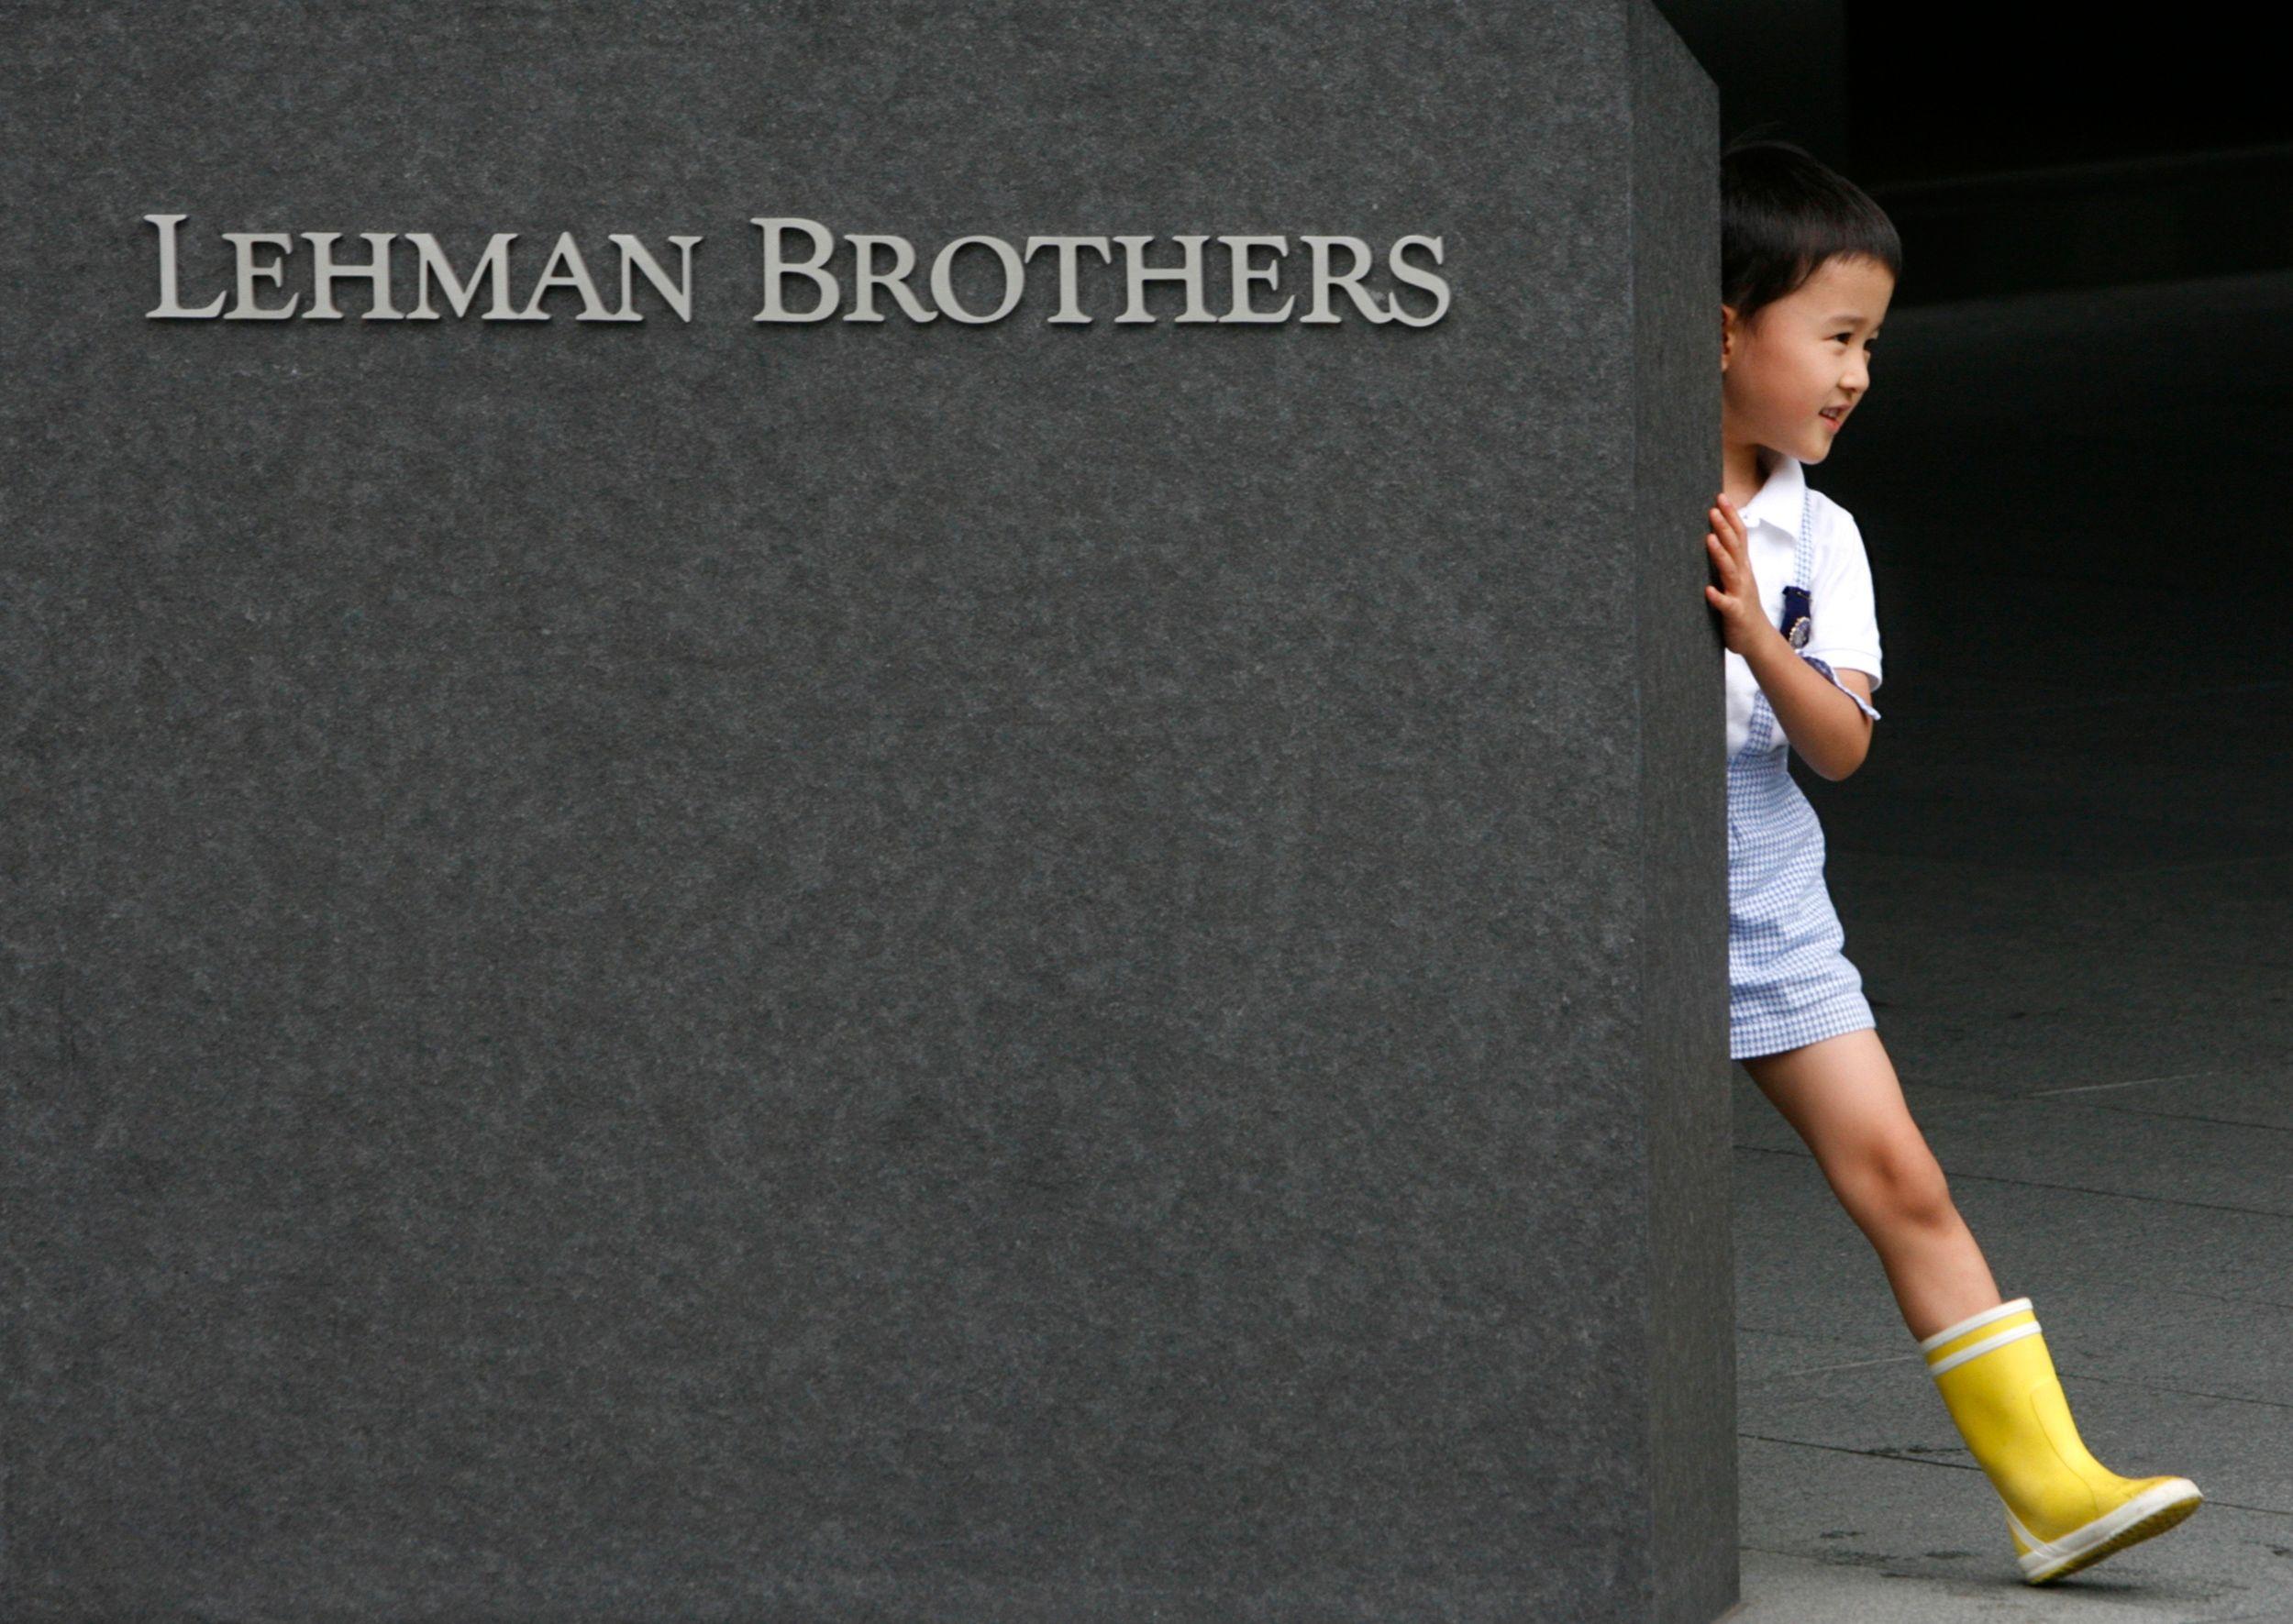 La faillite de Lehman Brothers n'a pas été l'élément déclencheur de la crise, elle n'en aura été que le symptôme.